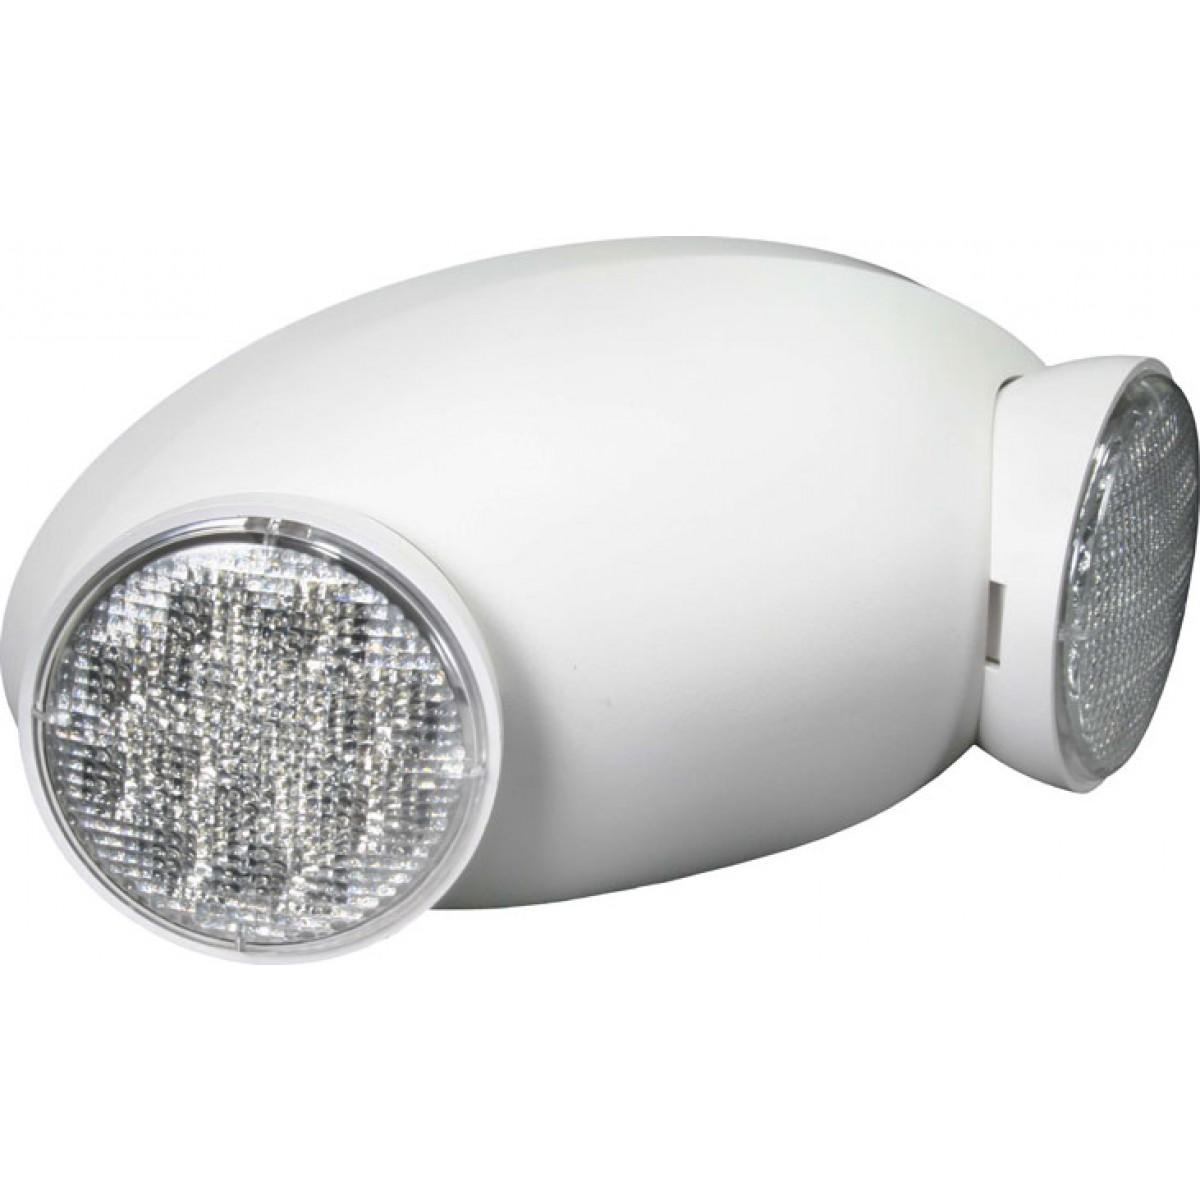 Safety Light Fixtures : El hm led emergency lights exit lighting